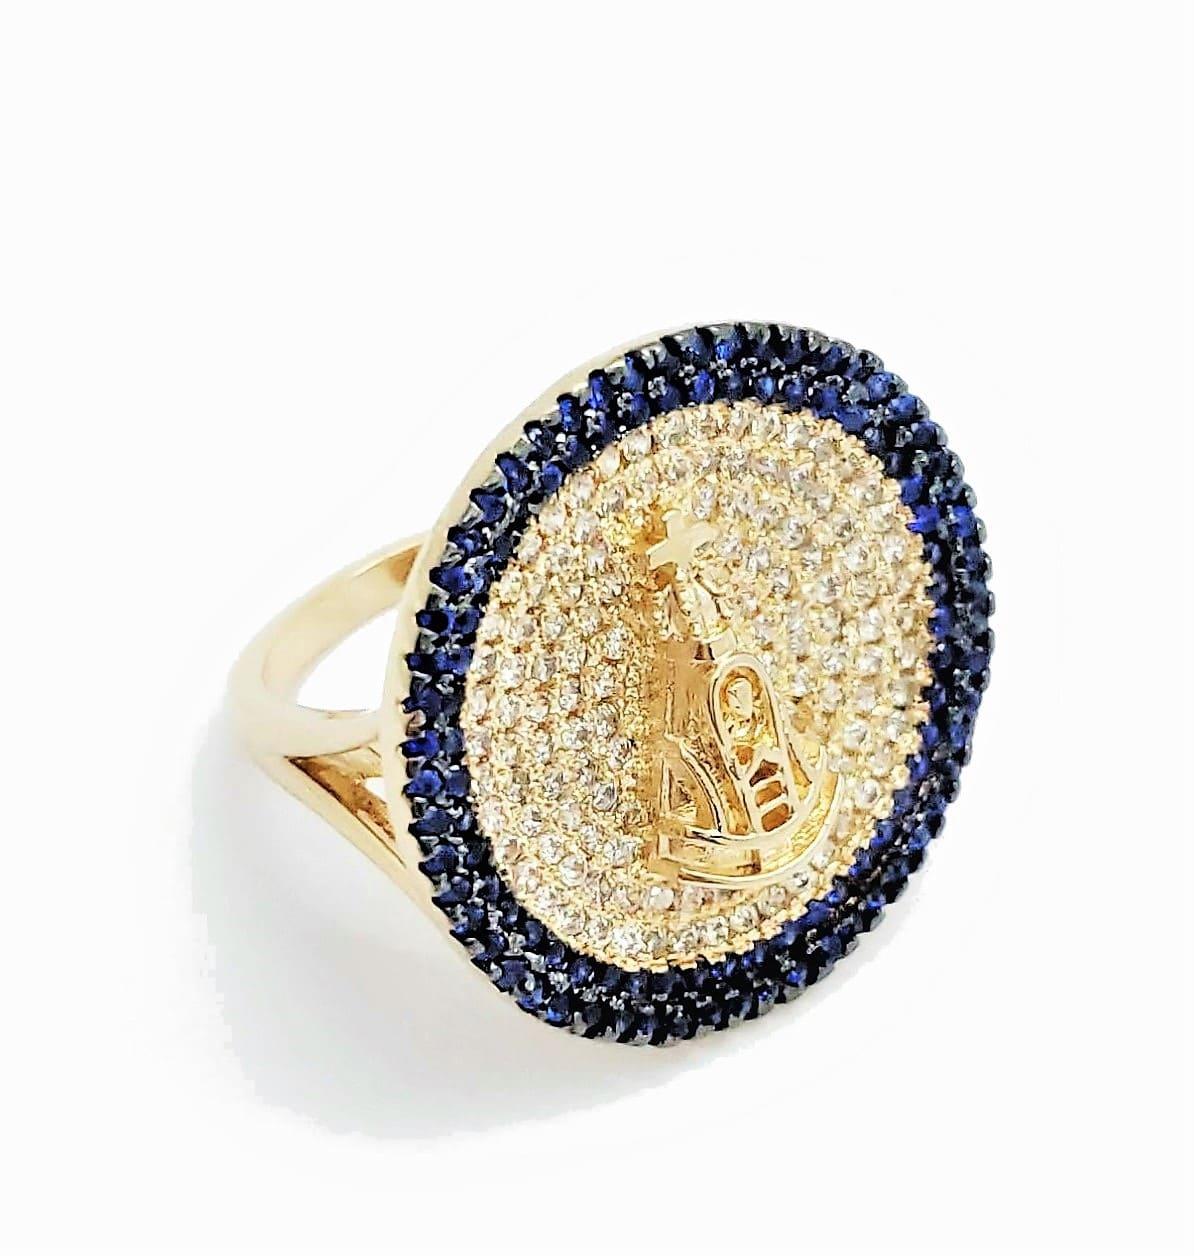 Anel N Sra Aparecida Círculo Cravejado Zirconias Banhado A Ouro 18k 4579